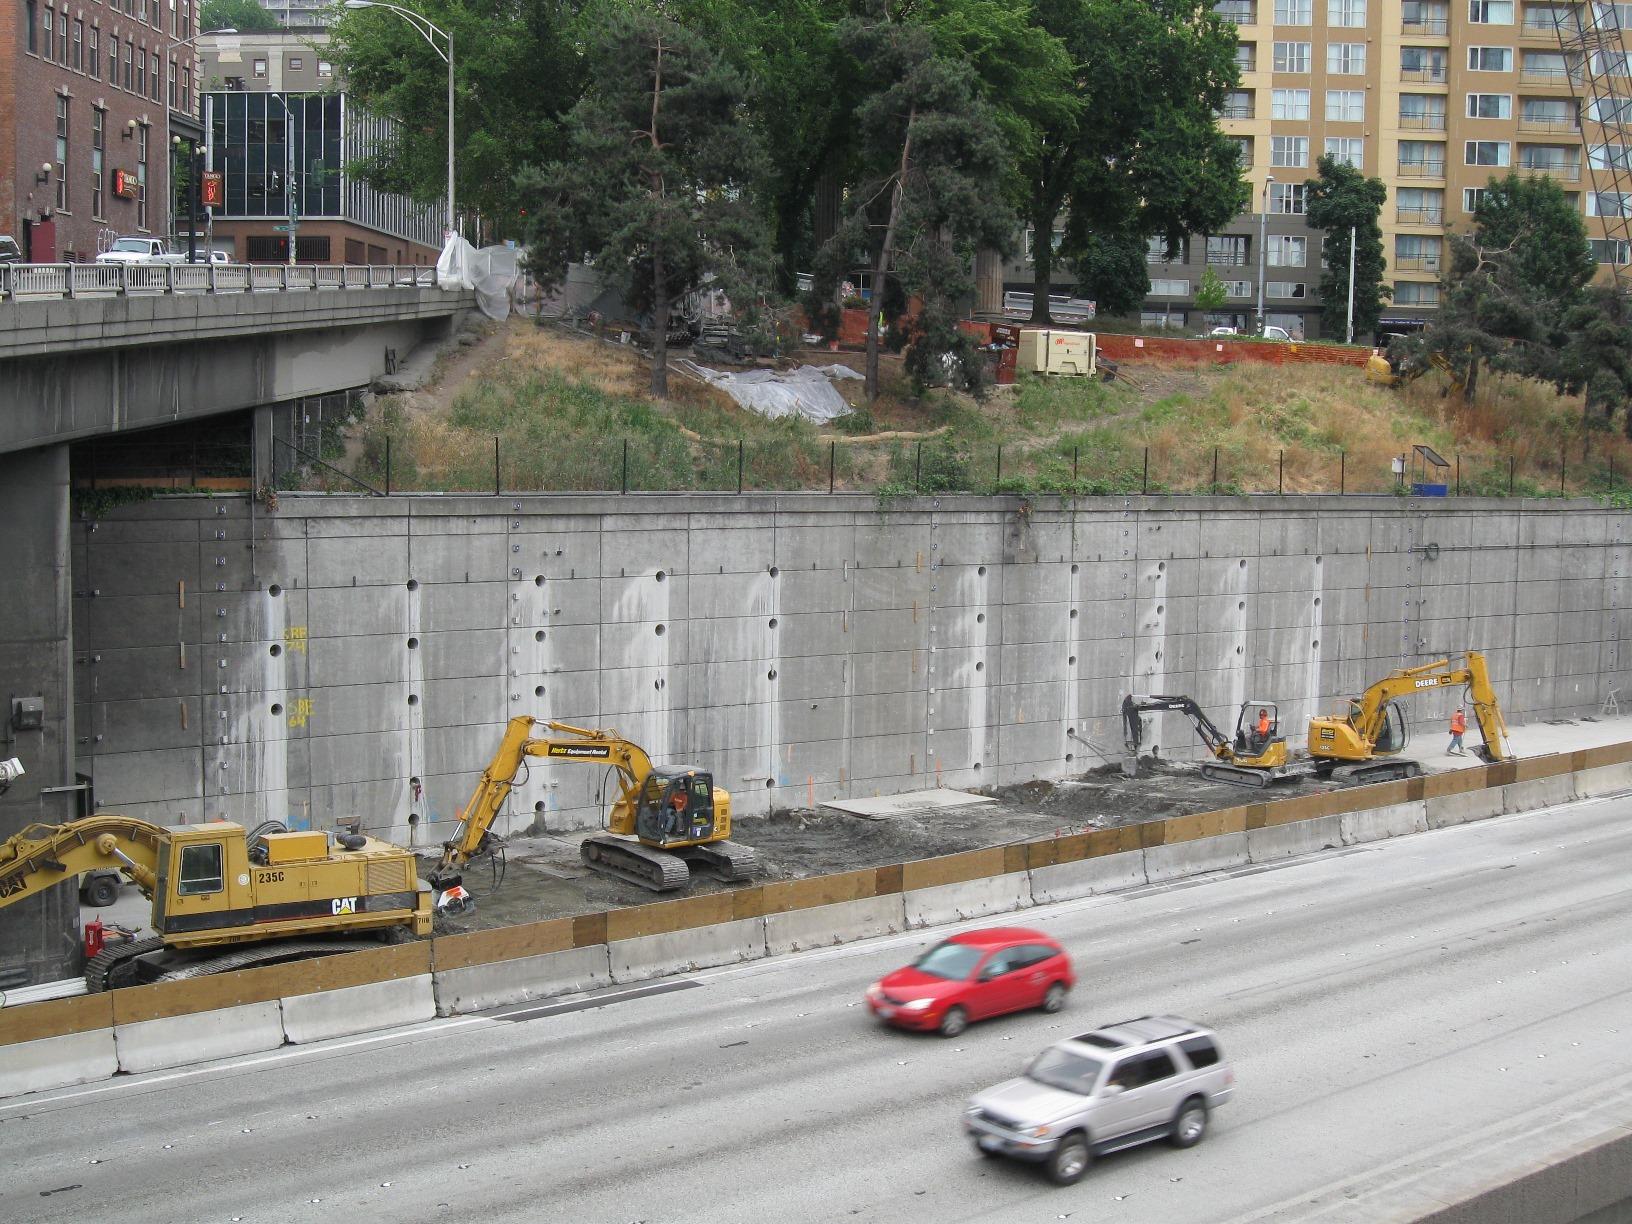 I-5 undercrossing 8-7-09 009.jpg